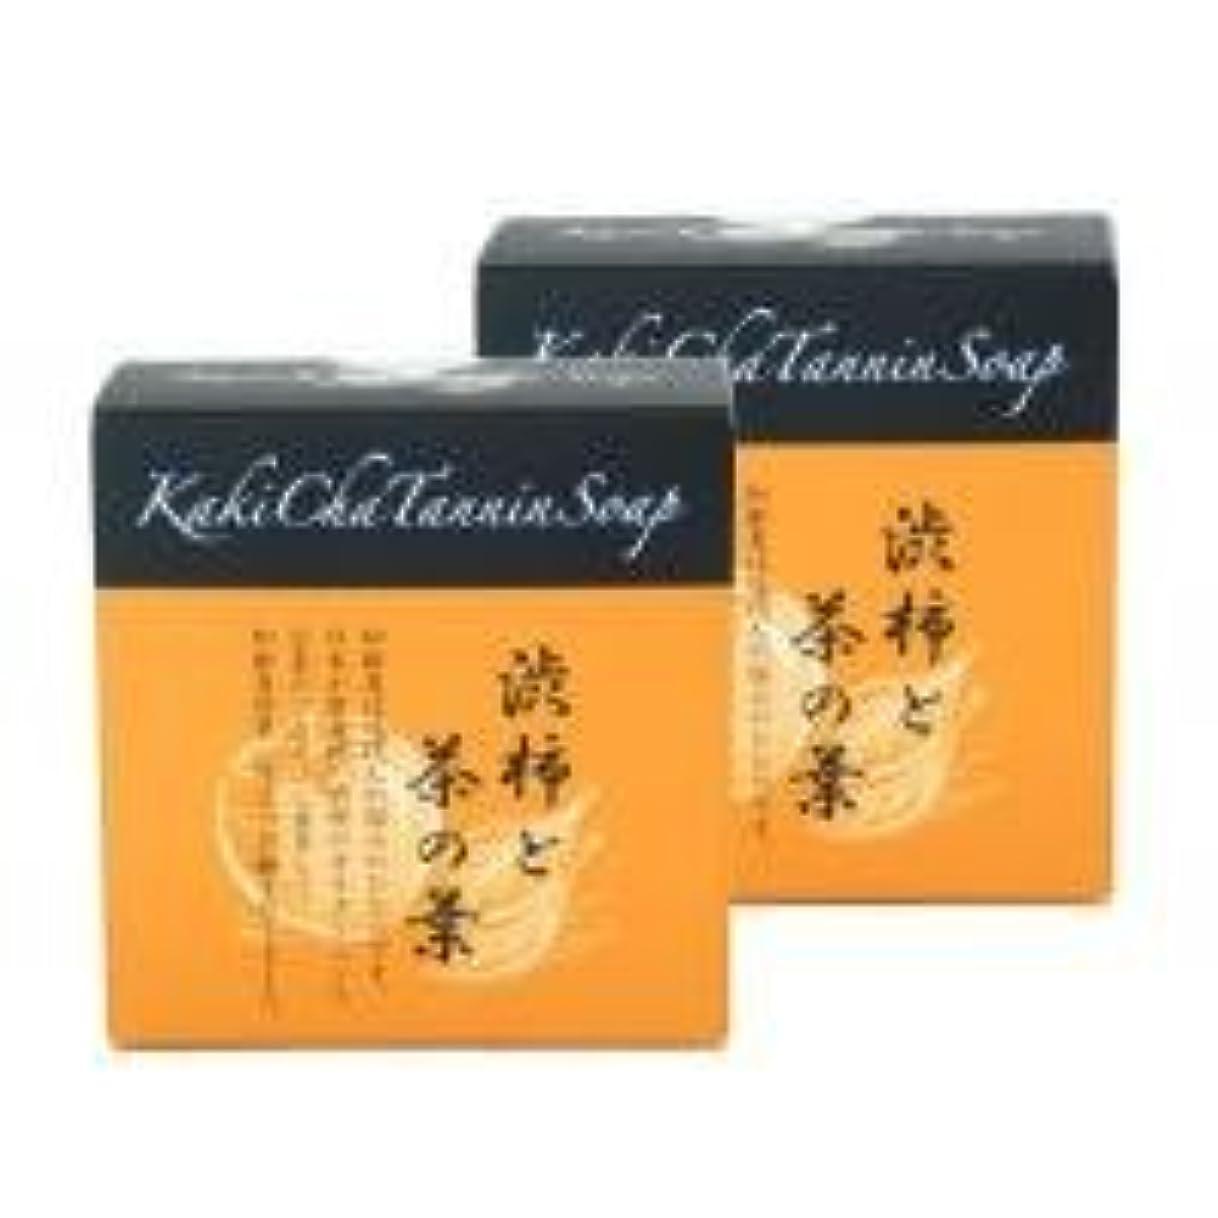 最悪立証するシロクマ柿茶タンニンソープ(100g)×2個 K00024W